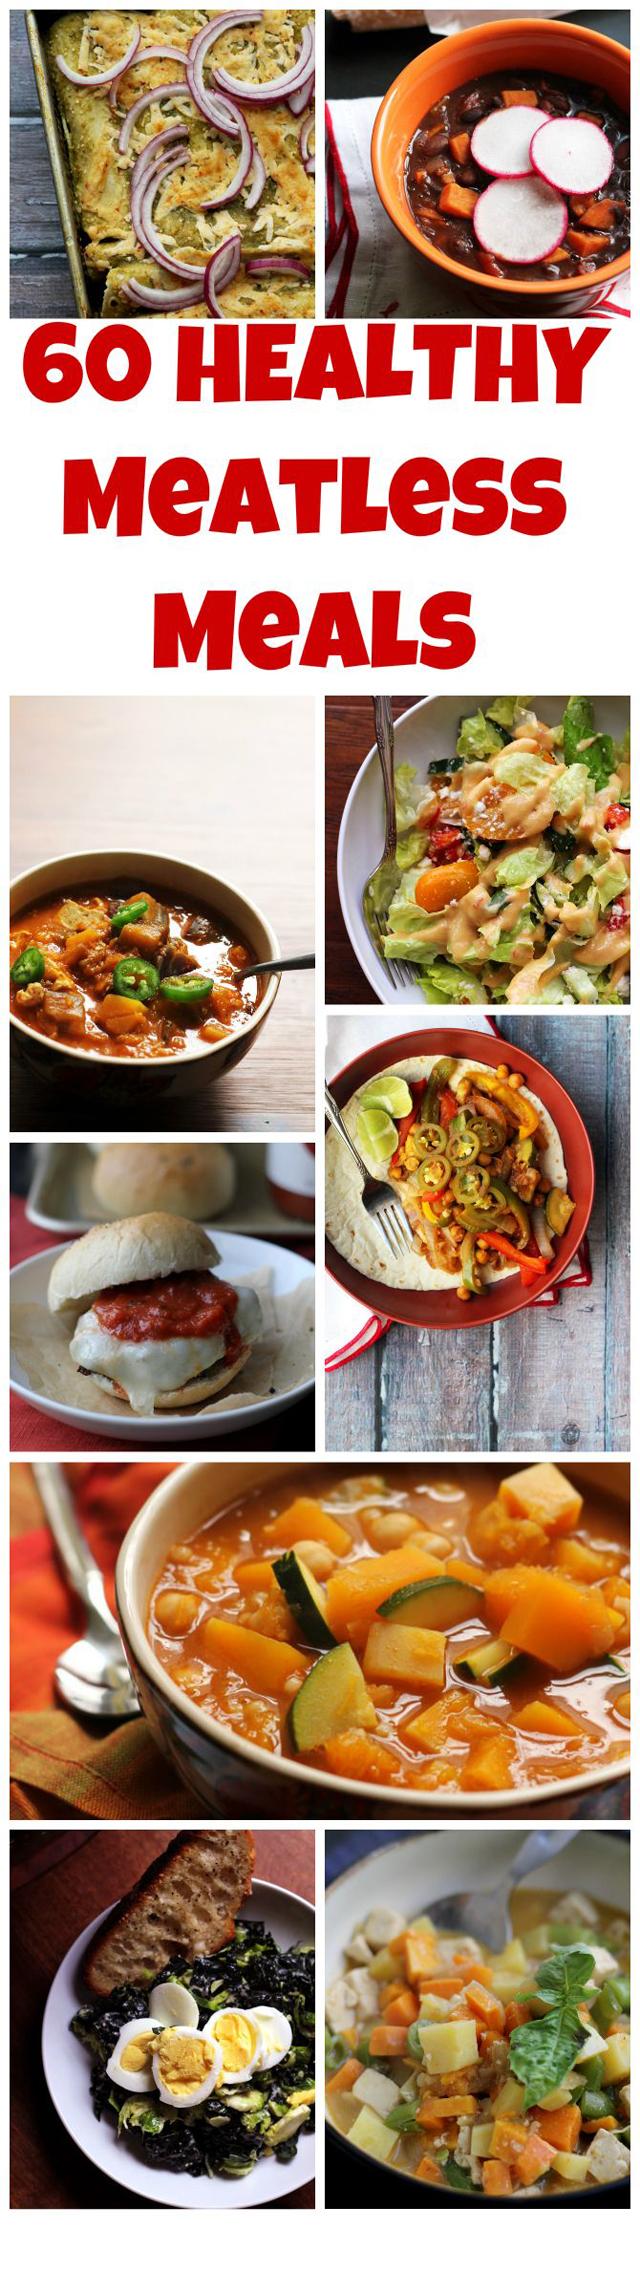 60 Healthy Vegetarian Meals